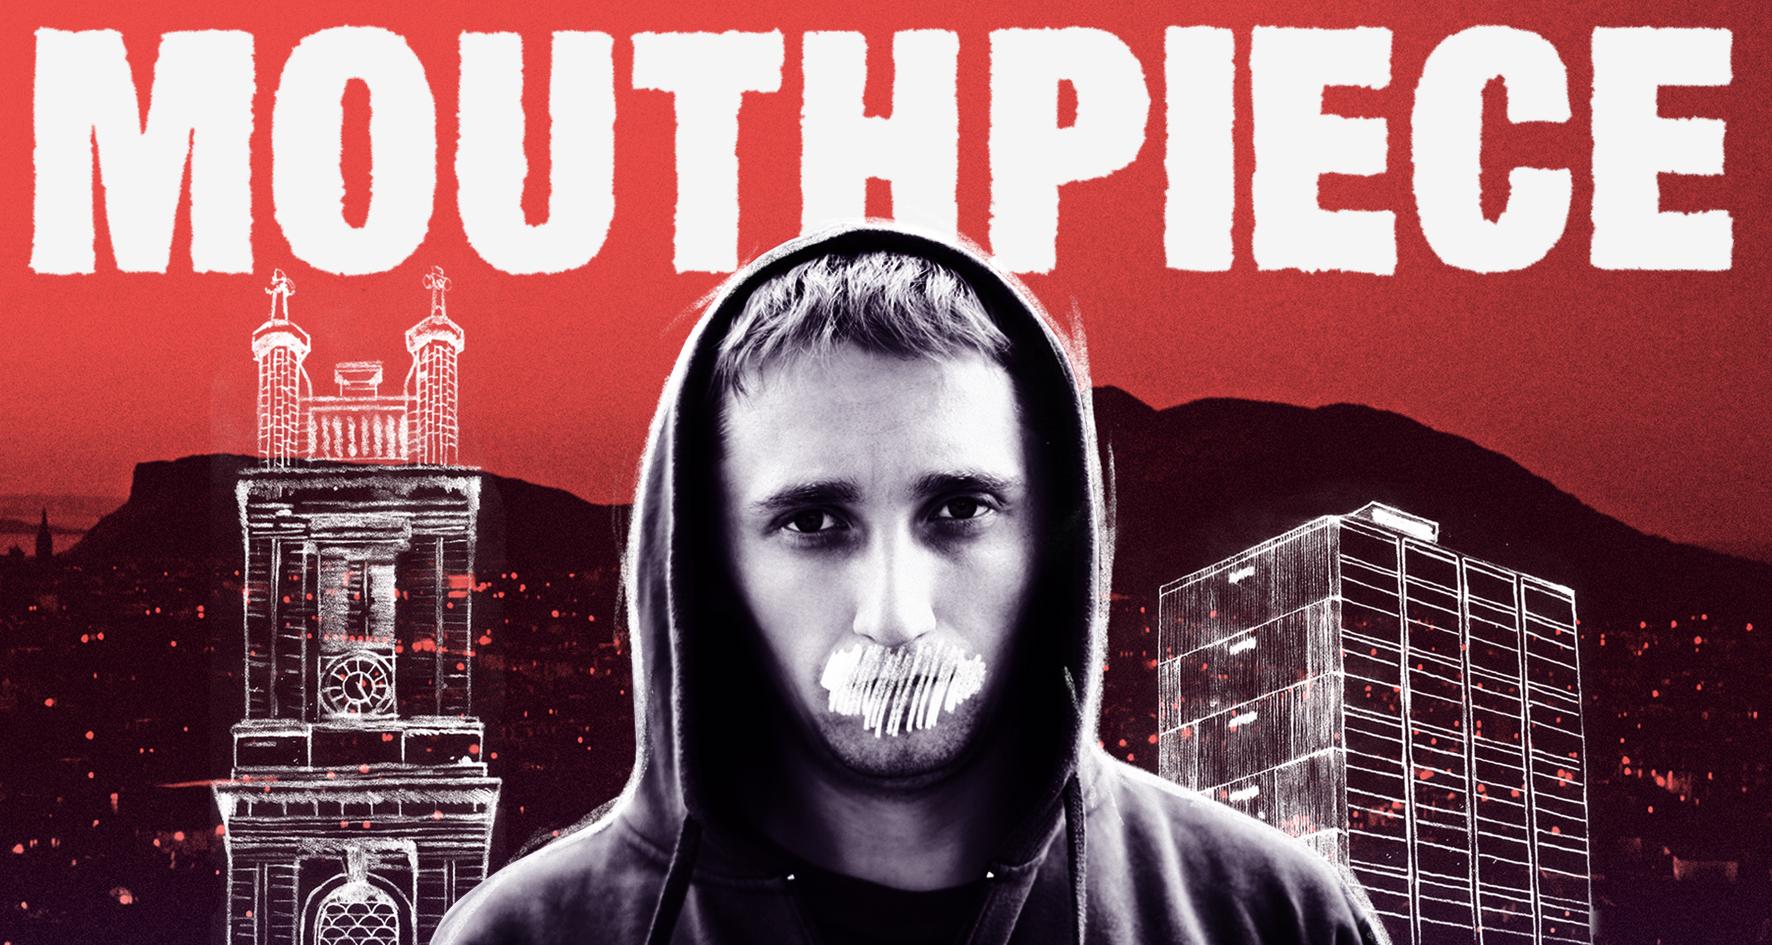 Mouthpiece, by Kieran Hurley